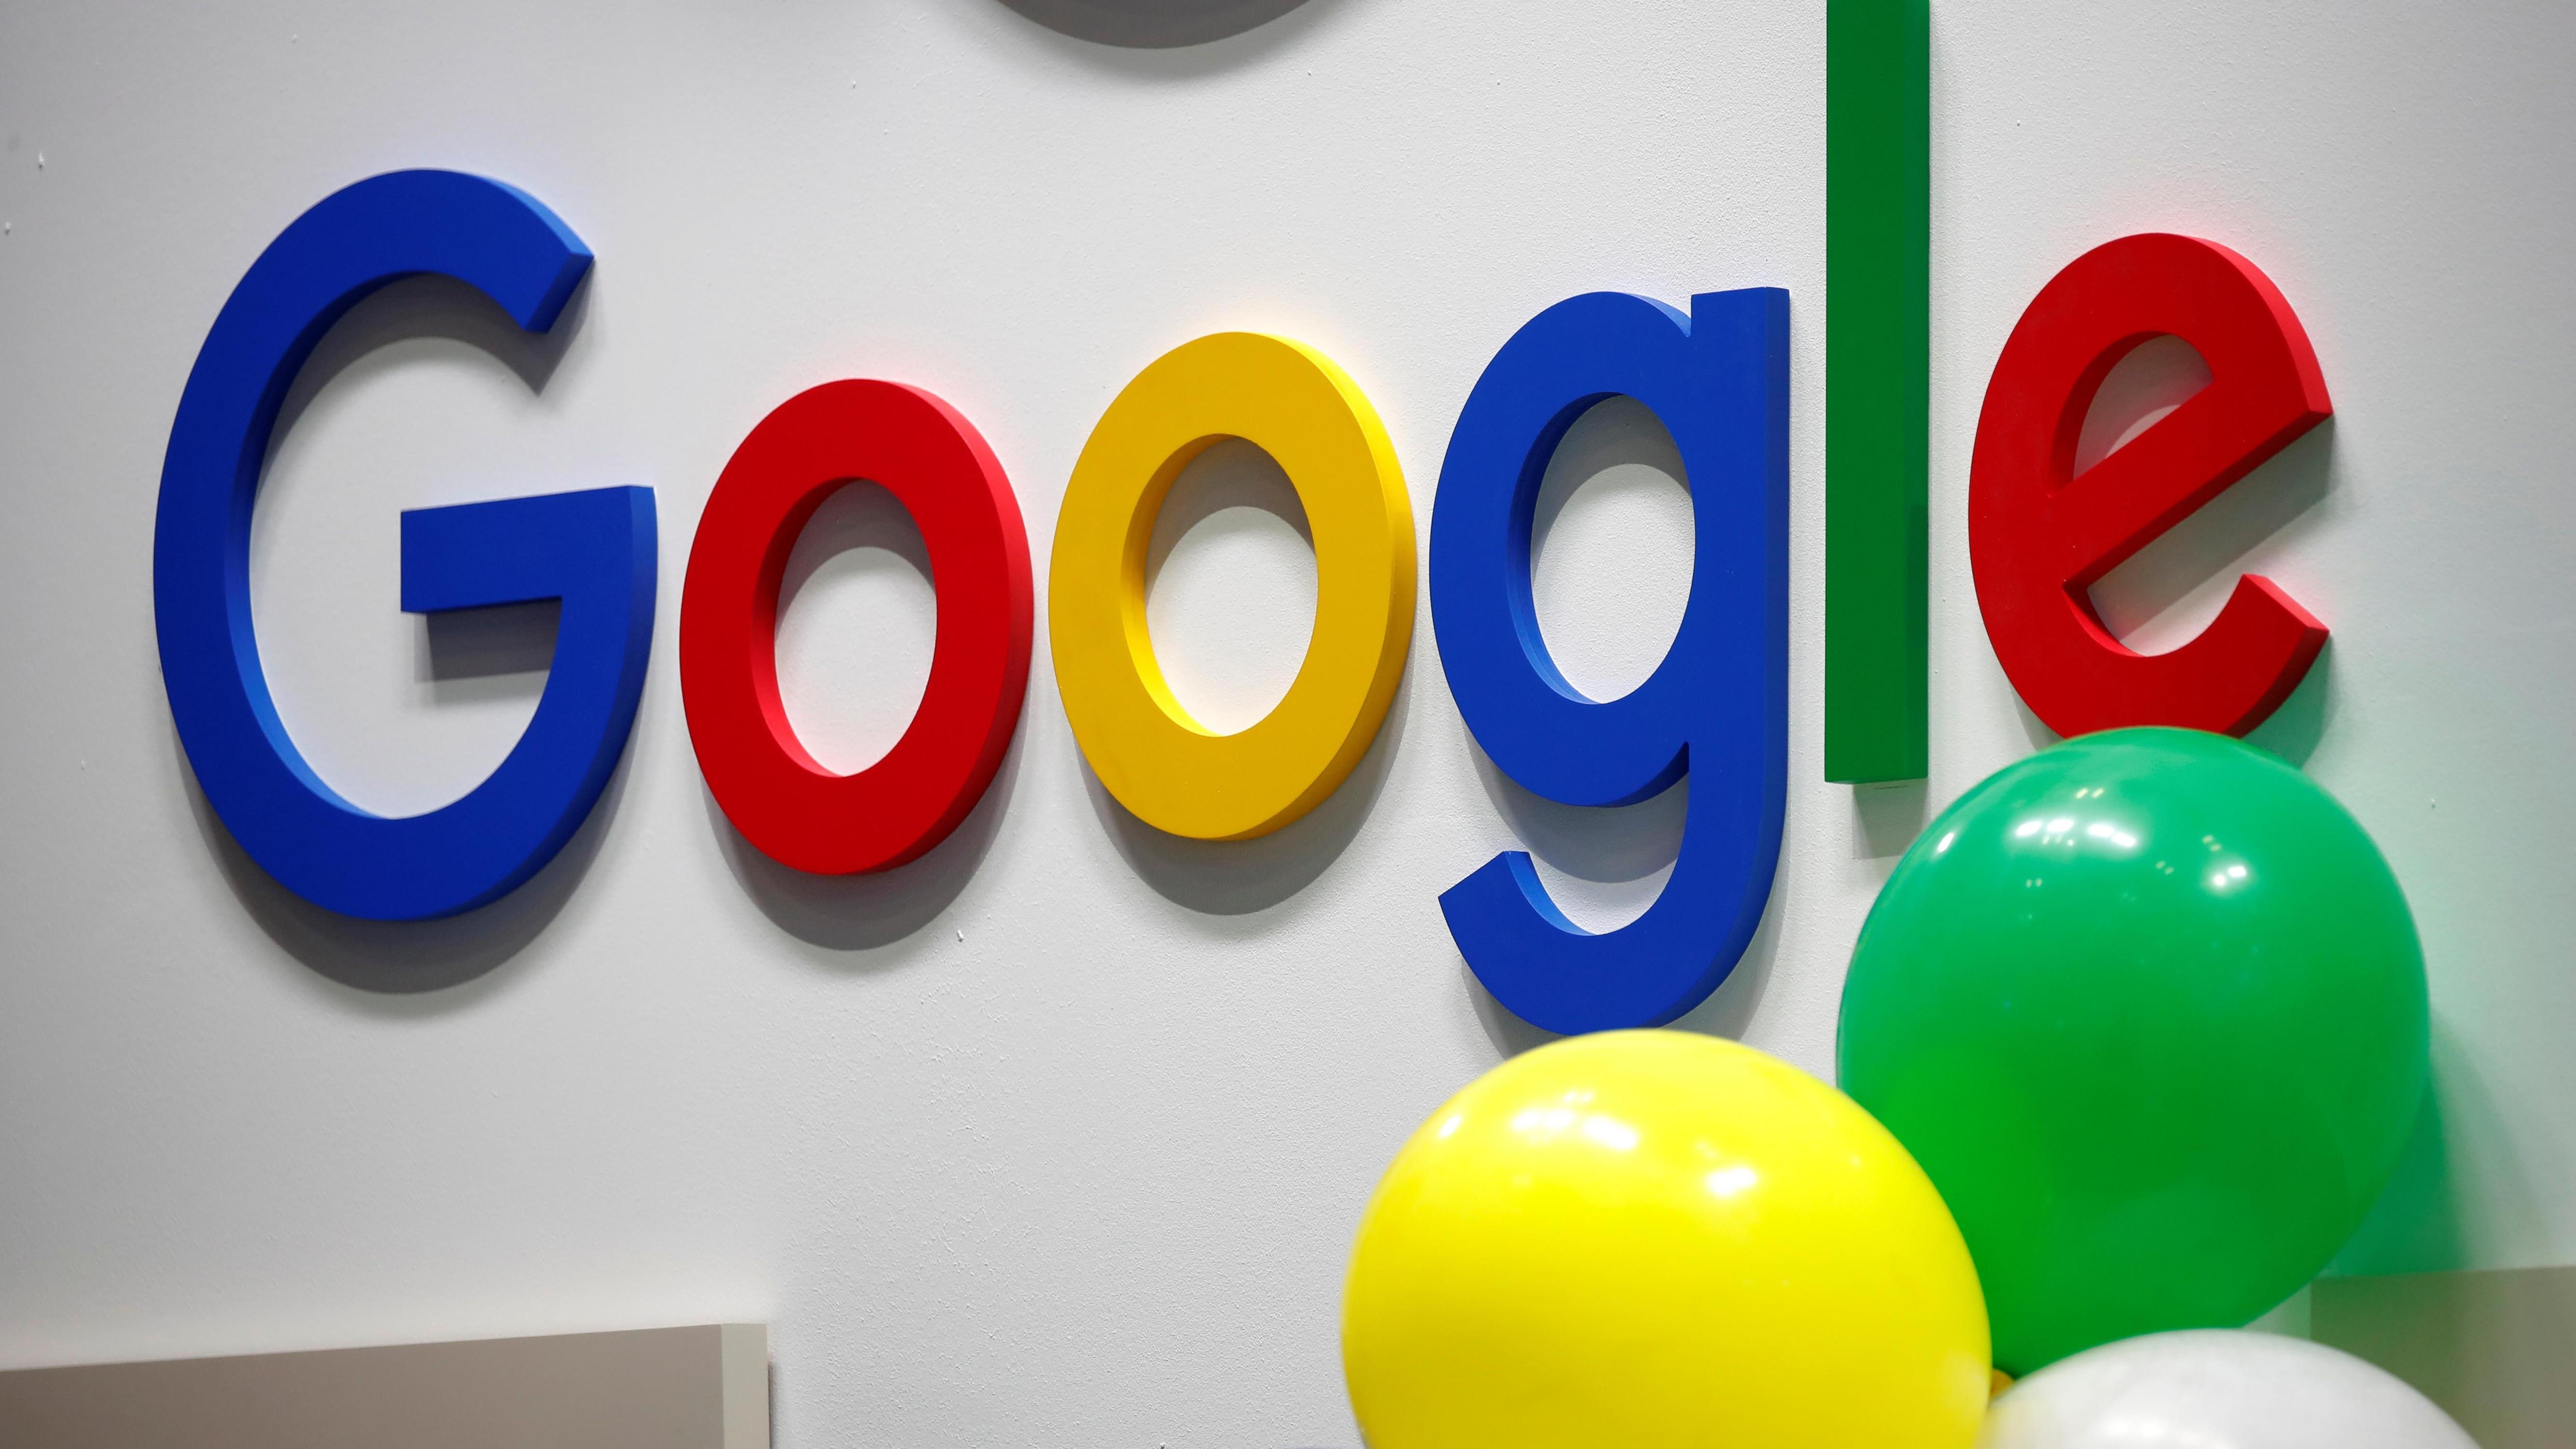 El logotipo de Google sobre una pared blanca.